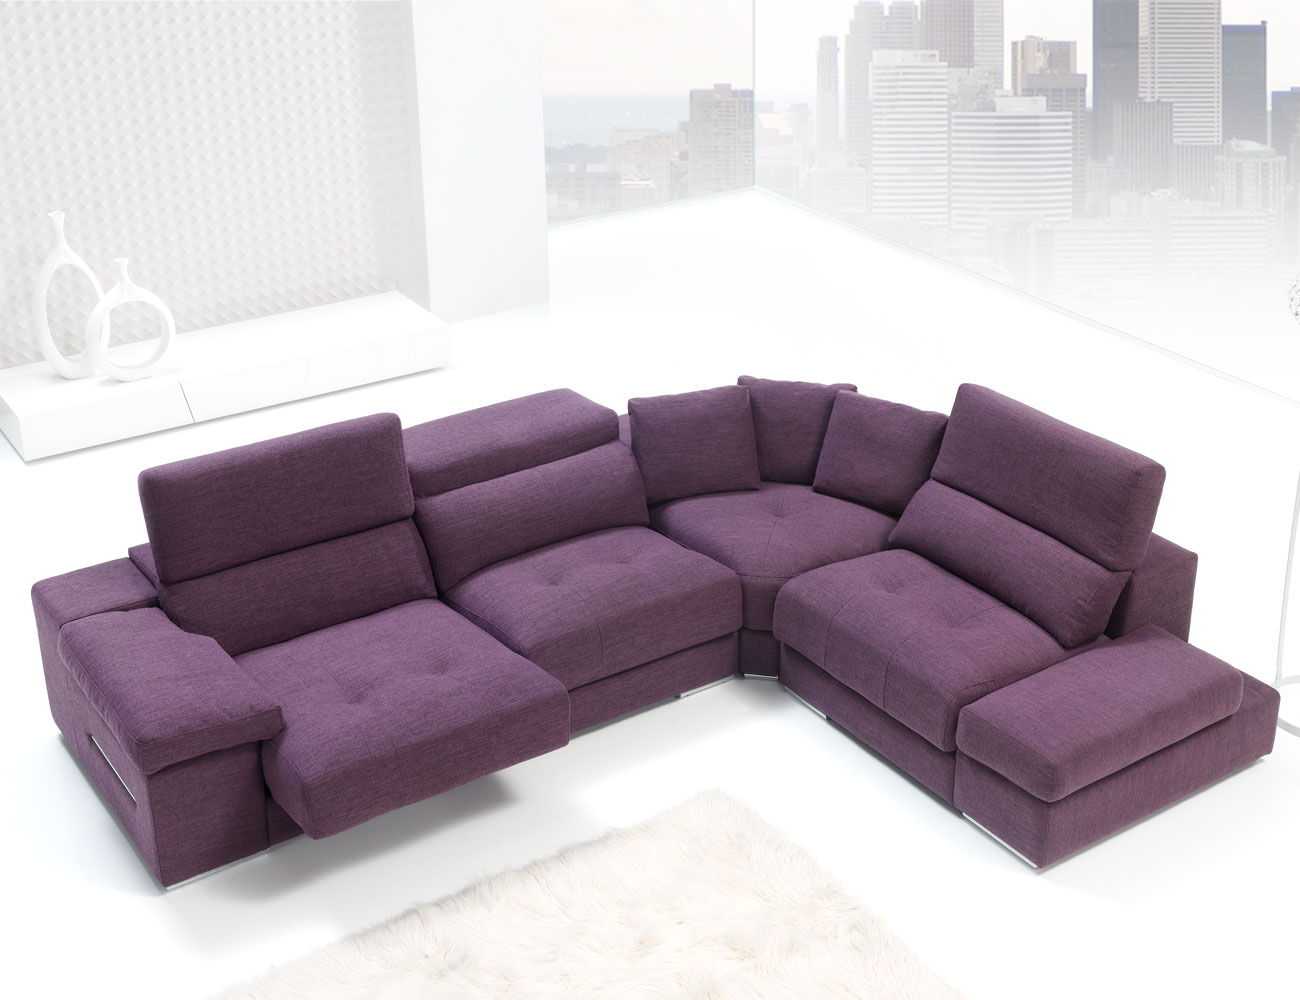 Sofa chaiselongue rincon con brazo mecanico tejido anti manchas 210